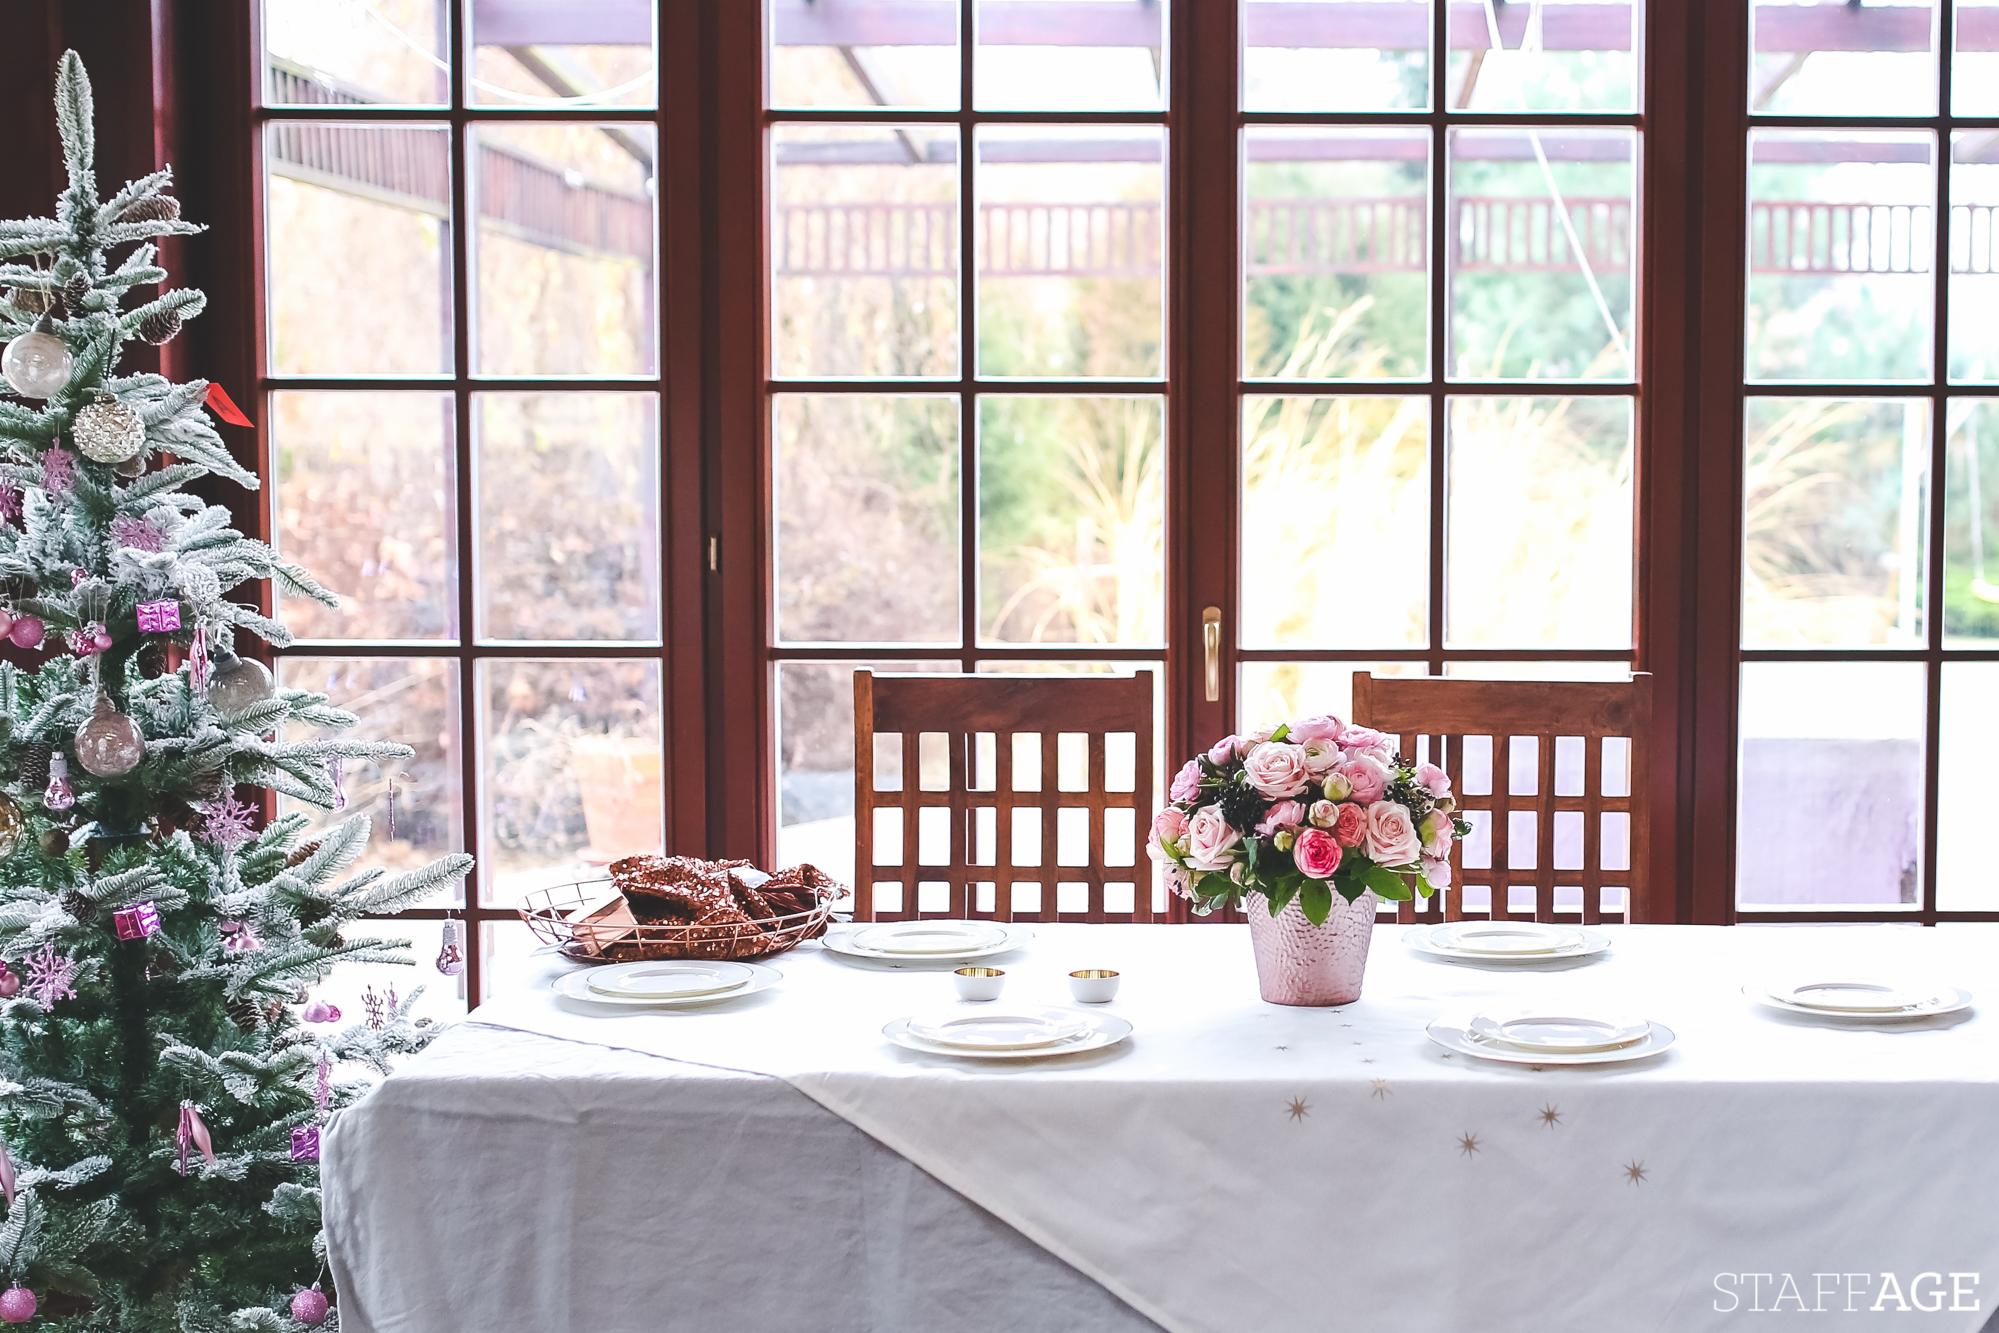 1 Staffagepl wigilijny stol pomysly na jadalnie swiateczne aranzacje chrstmas table settings ideas interior design winter flowers tableware